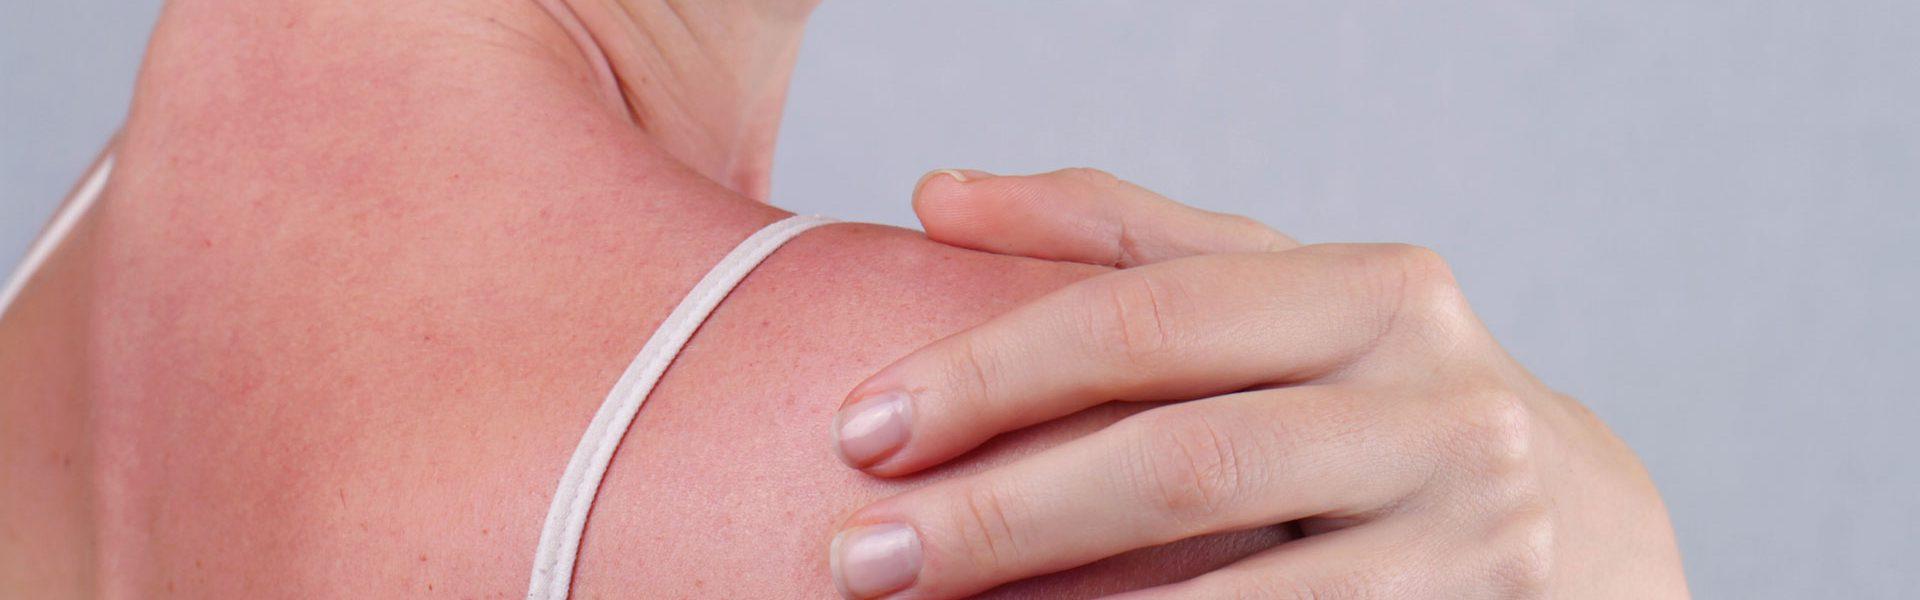 poparzenia słoneczne